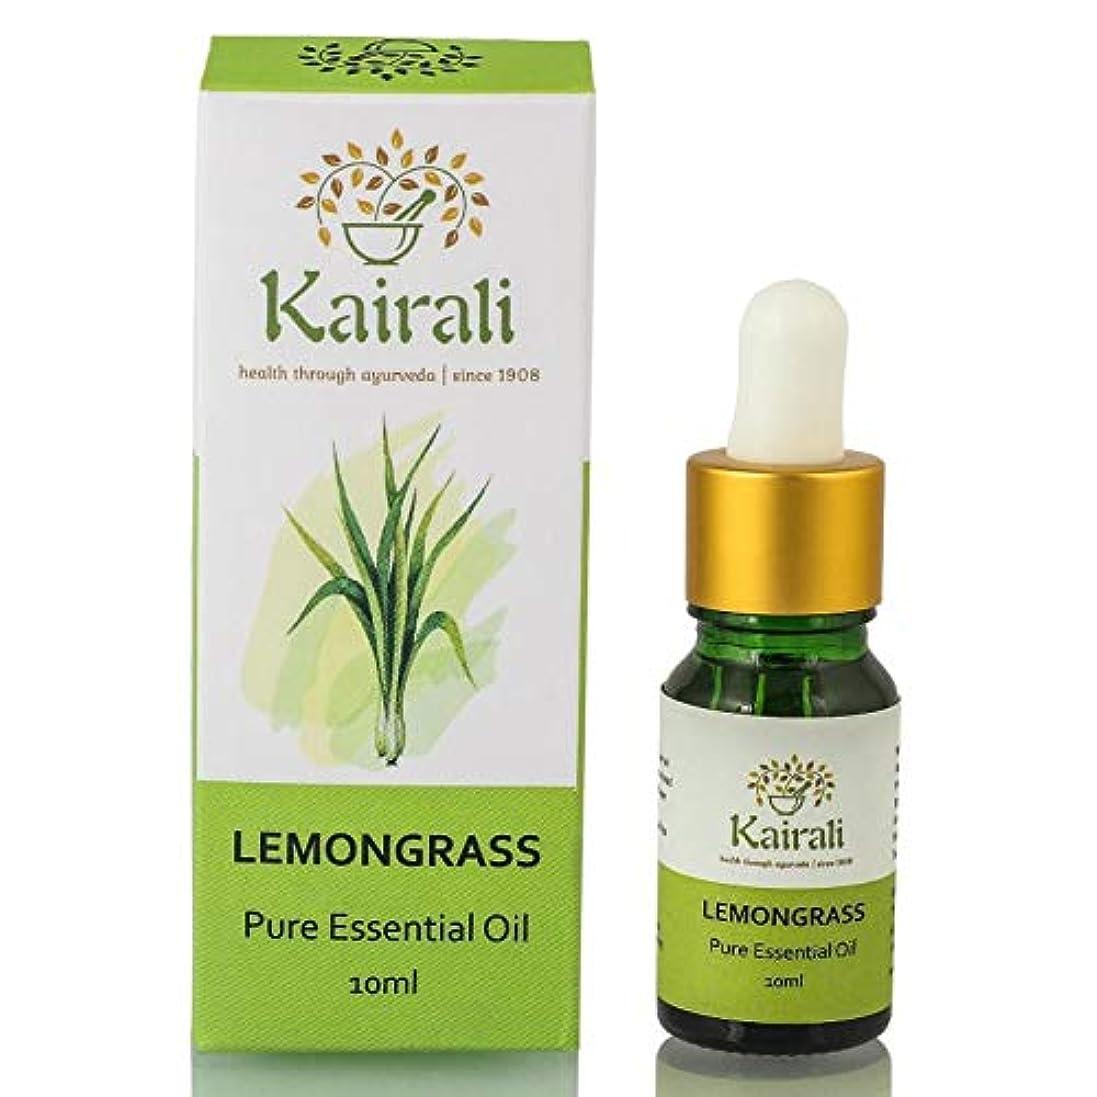 ソフィーパブ地中海カイラリ エッセンシャルオイル レモングラス 10ml(天然100%精油)Kairali アロマオイル